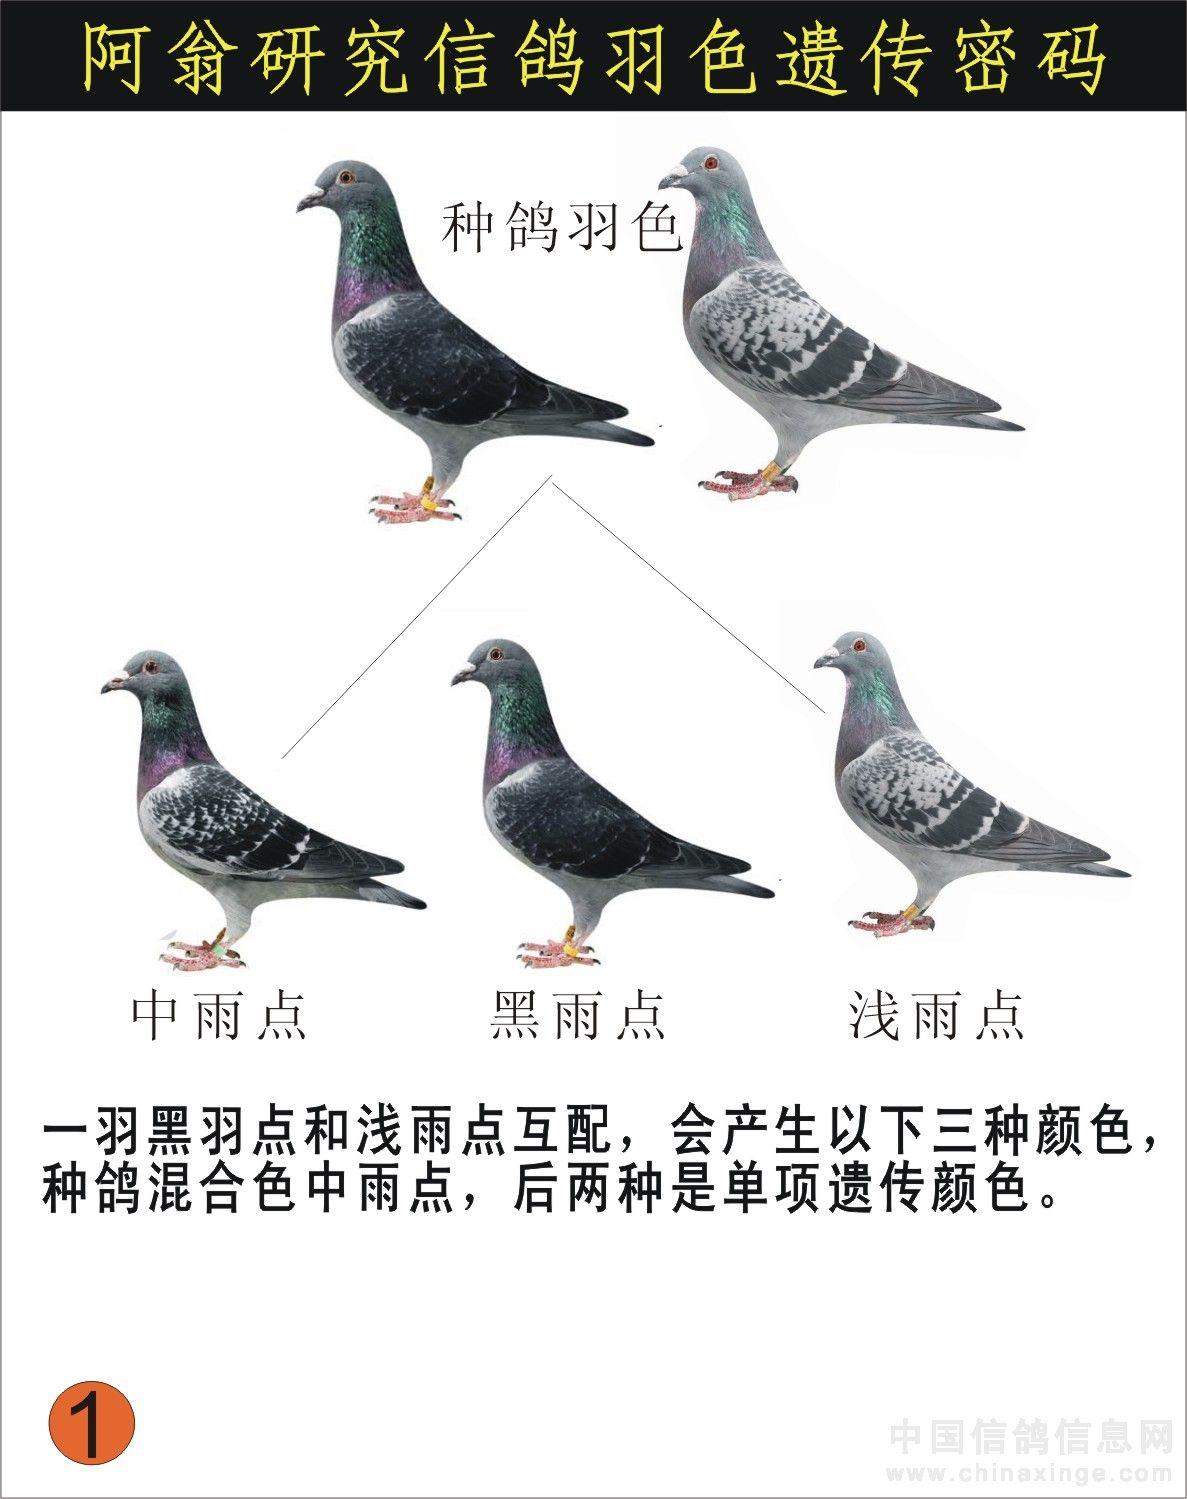 信鸽羽色配对_信鸽羽色配对-有进鸽舍-中国信鸽信息网各地鸽舍